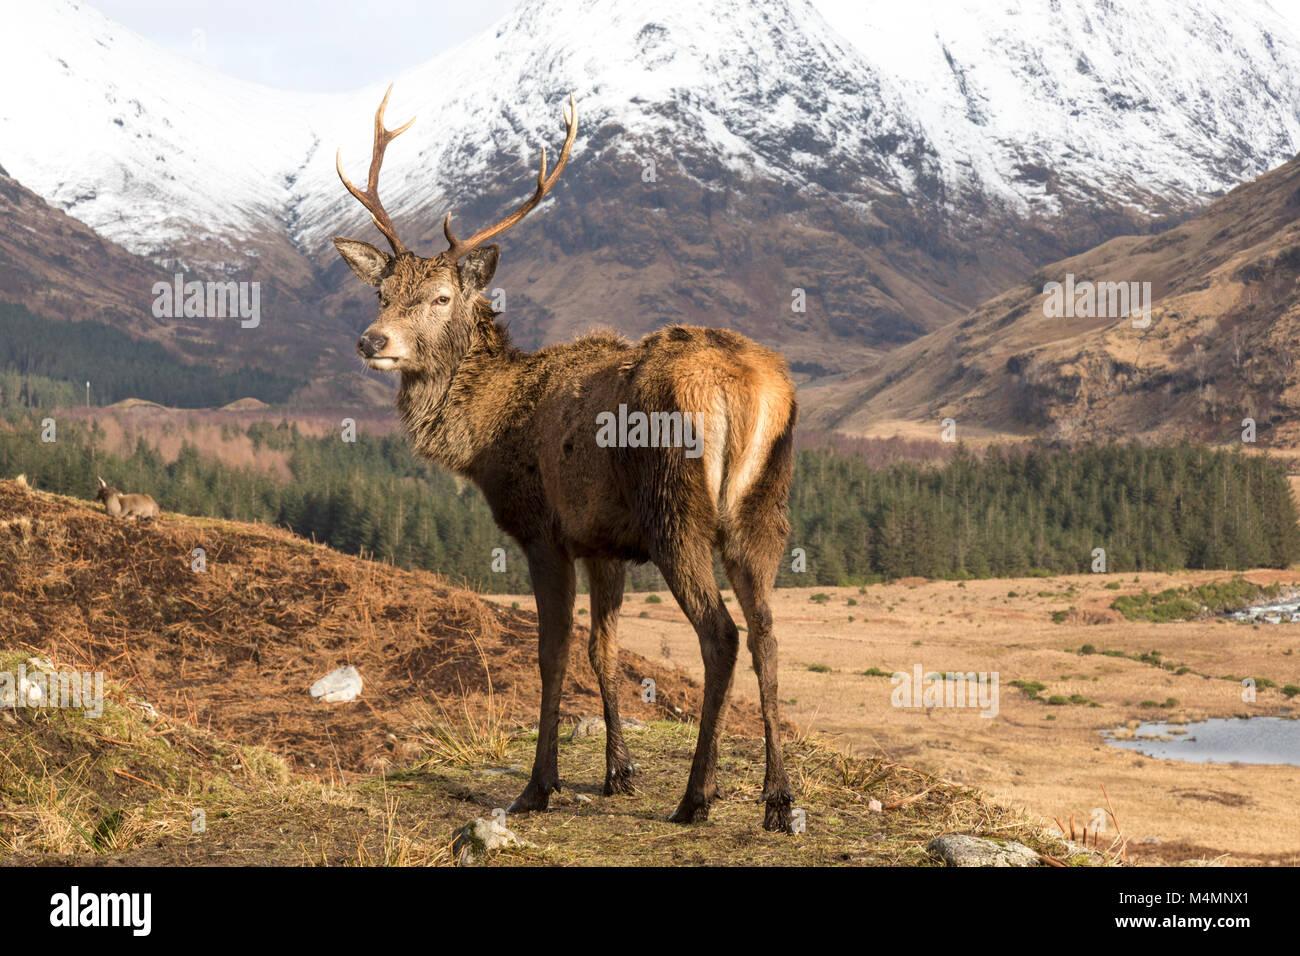 Wild Red Deer (Cervus elaphus) Stag en Glen Etive, en Écosse, au cours de l'hiver, avec une montagne en arrière-plan. Banque D'Images